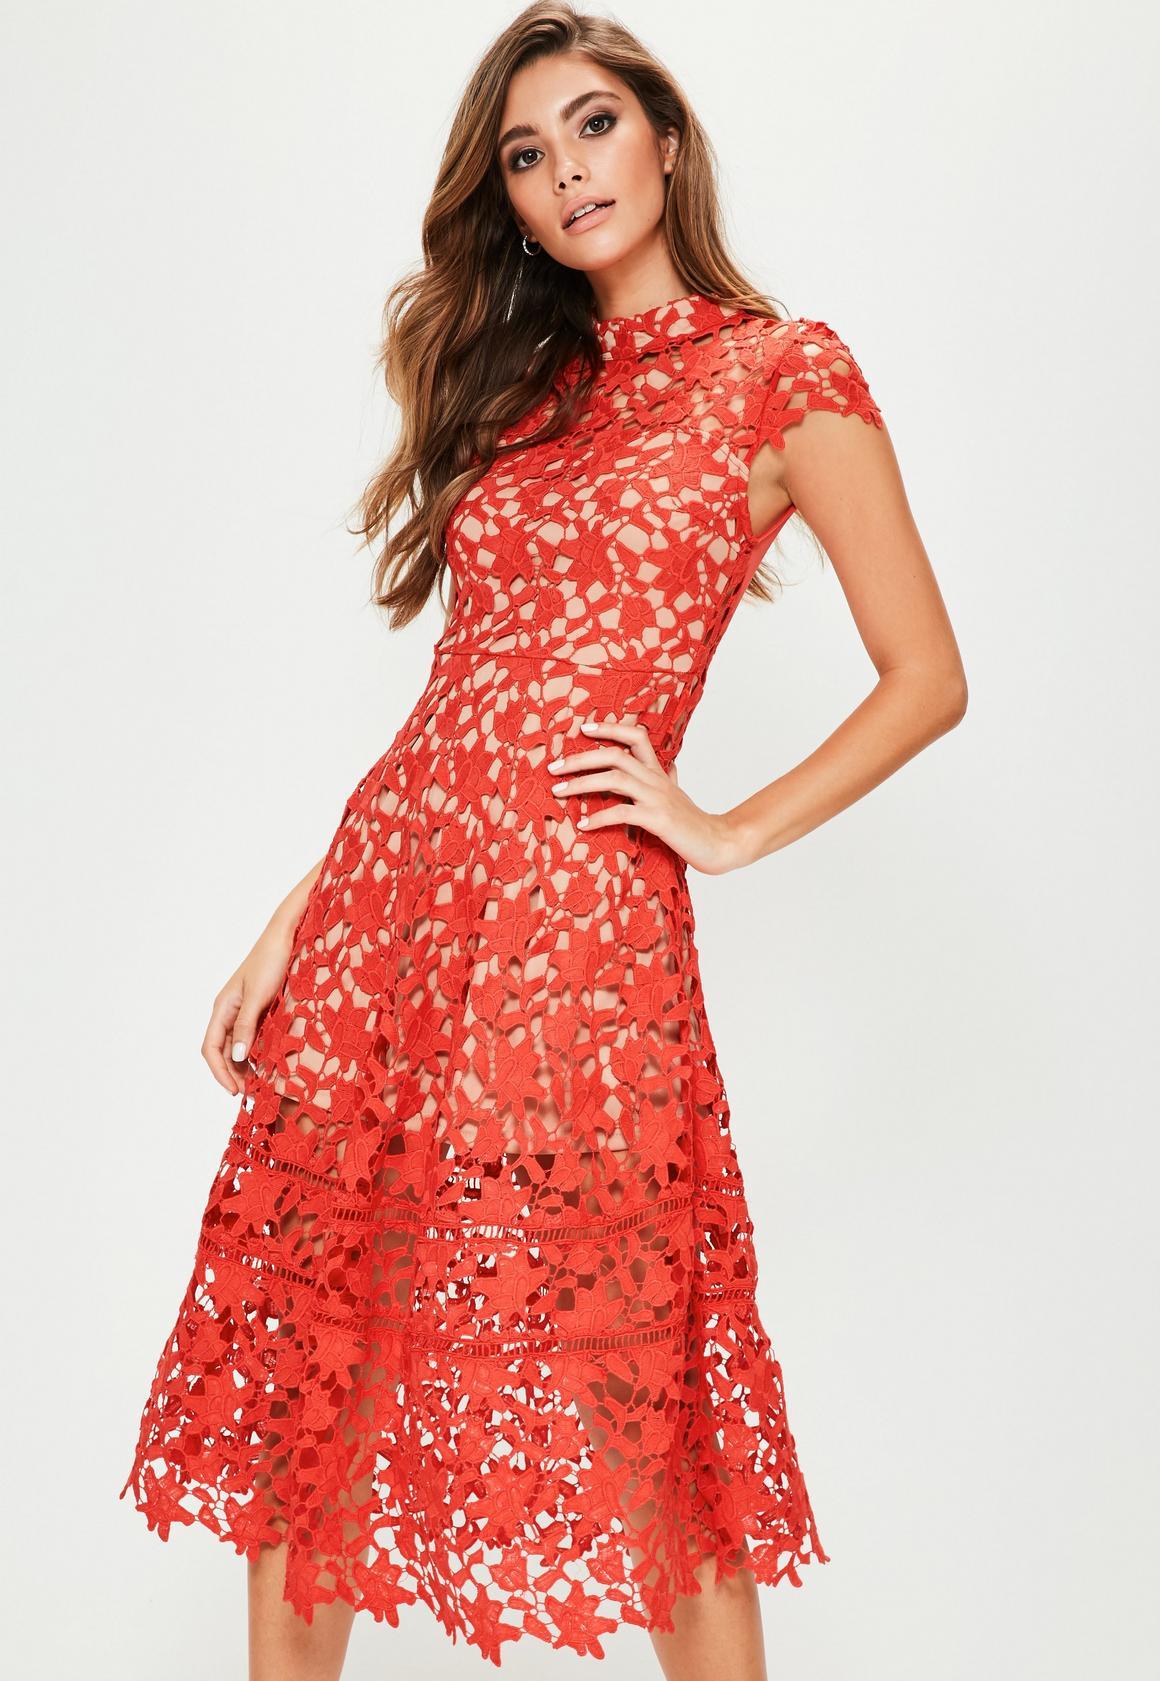 Red dress uk ring